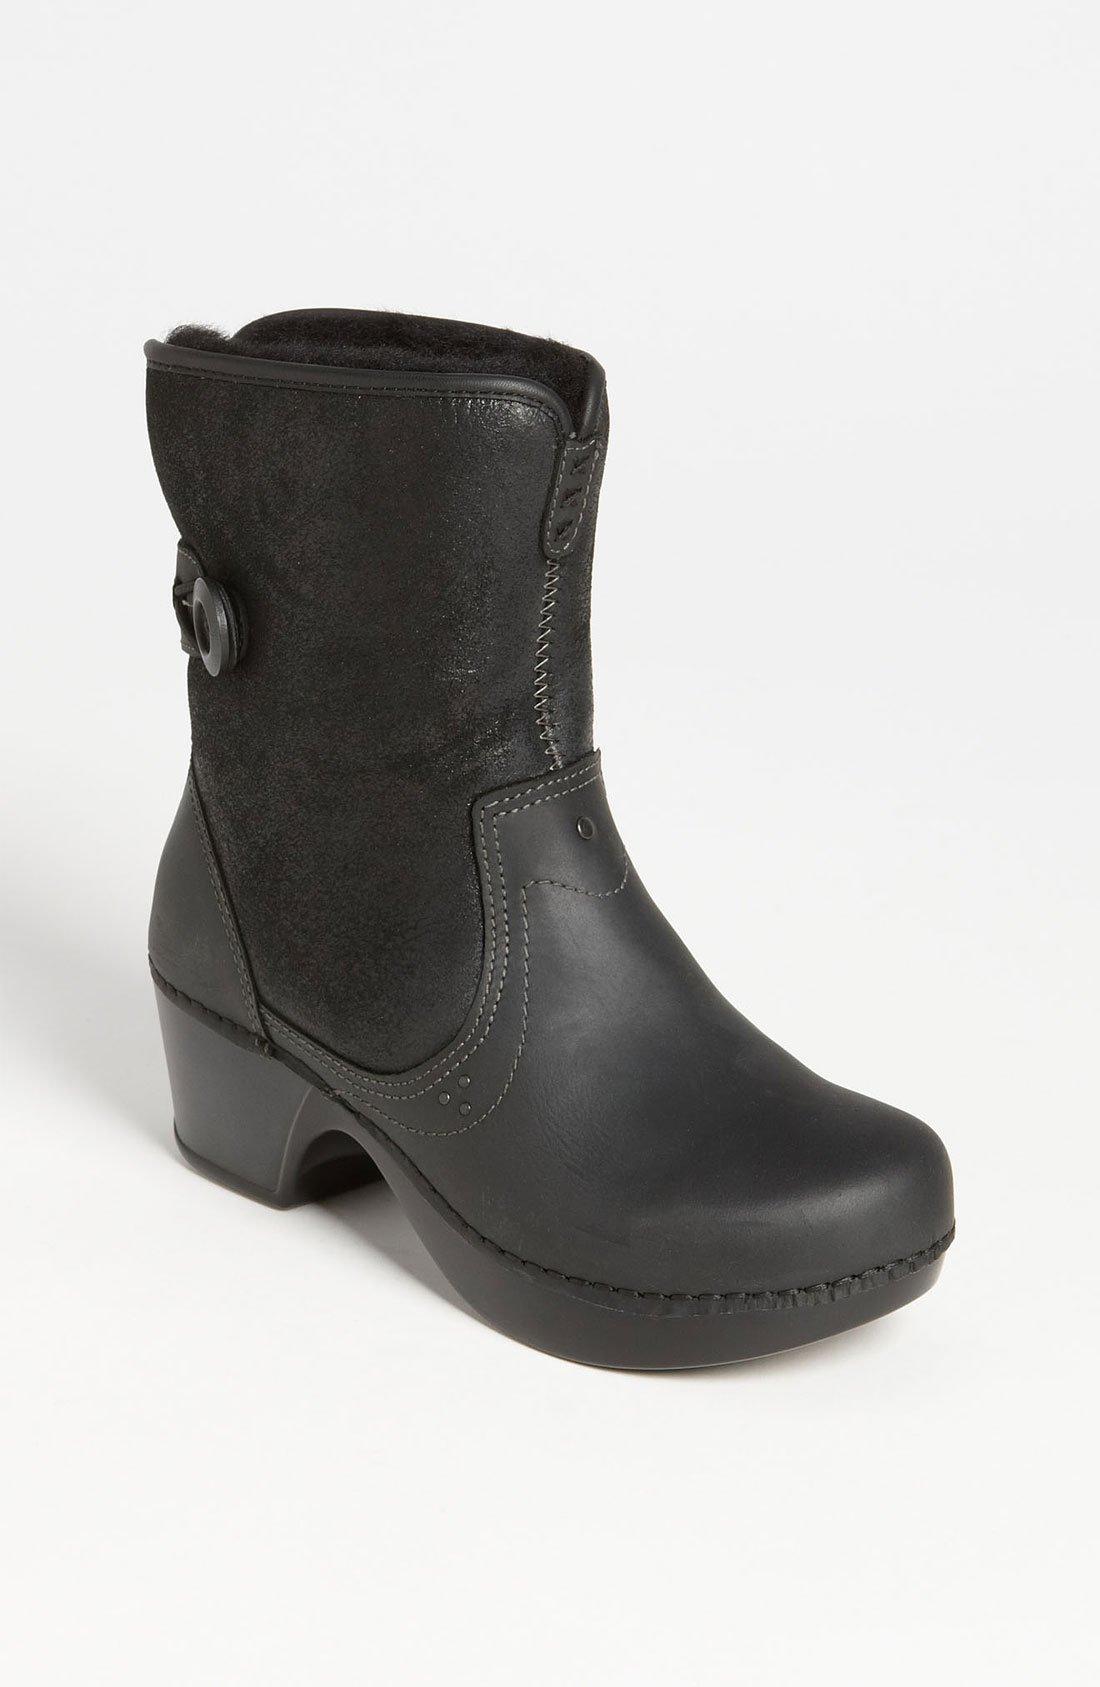 Dansko Harper Boot In Start Of Color List Black Oiled Lyst